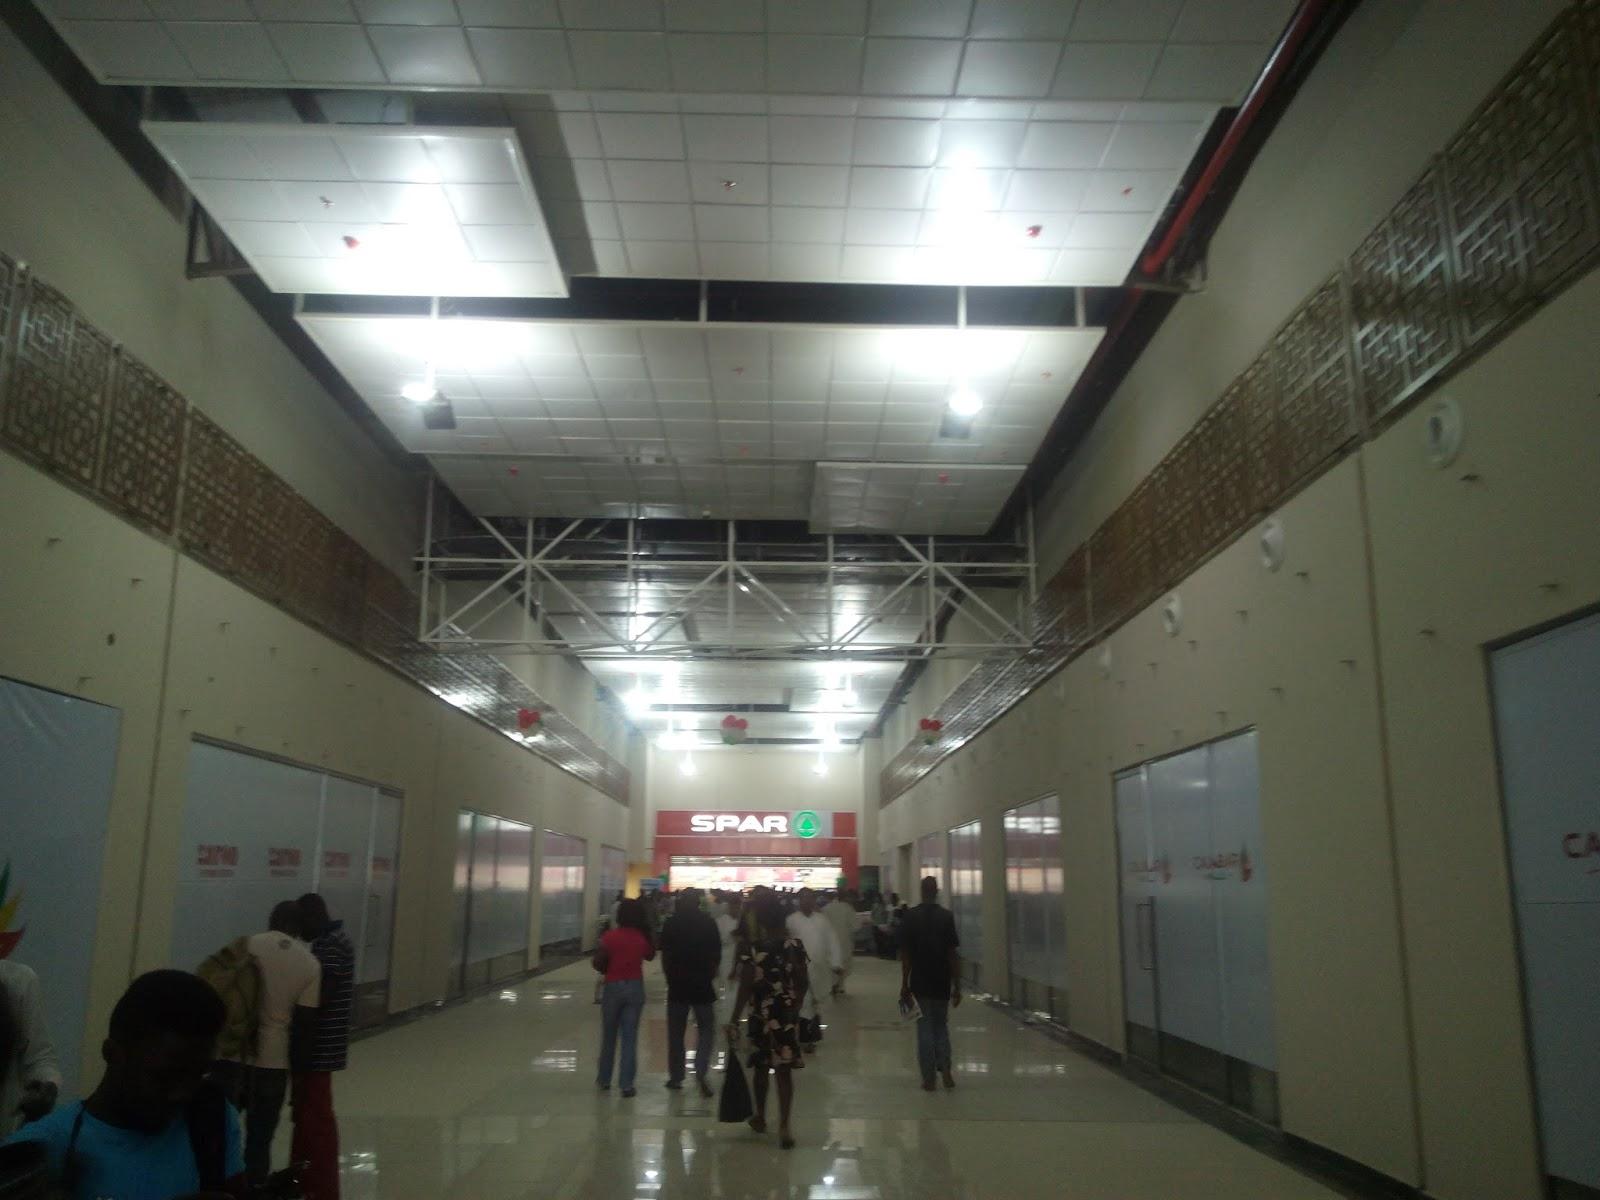 Calabar Mall Spar, Calabar - Cross River. Image Source: Calabar Blog. July 2016.